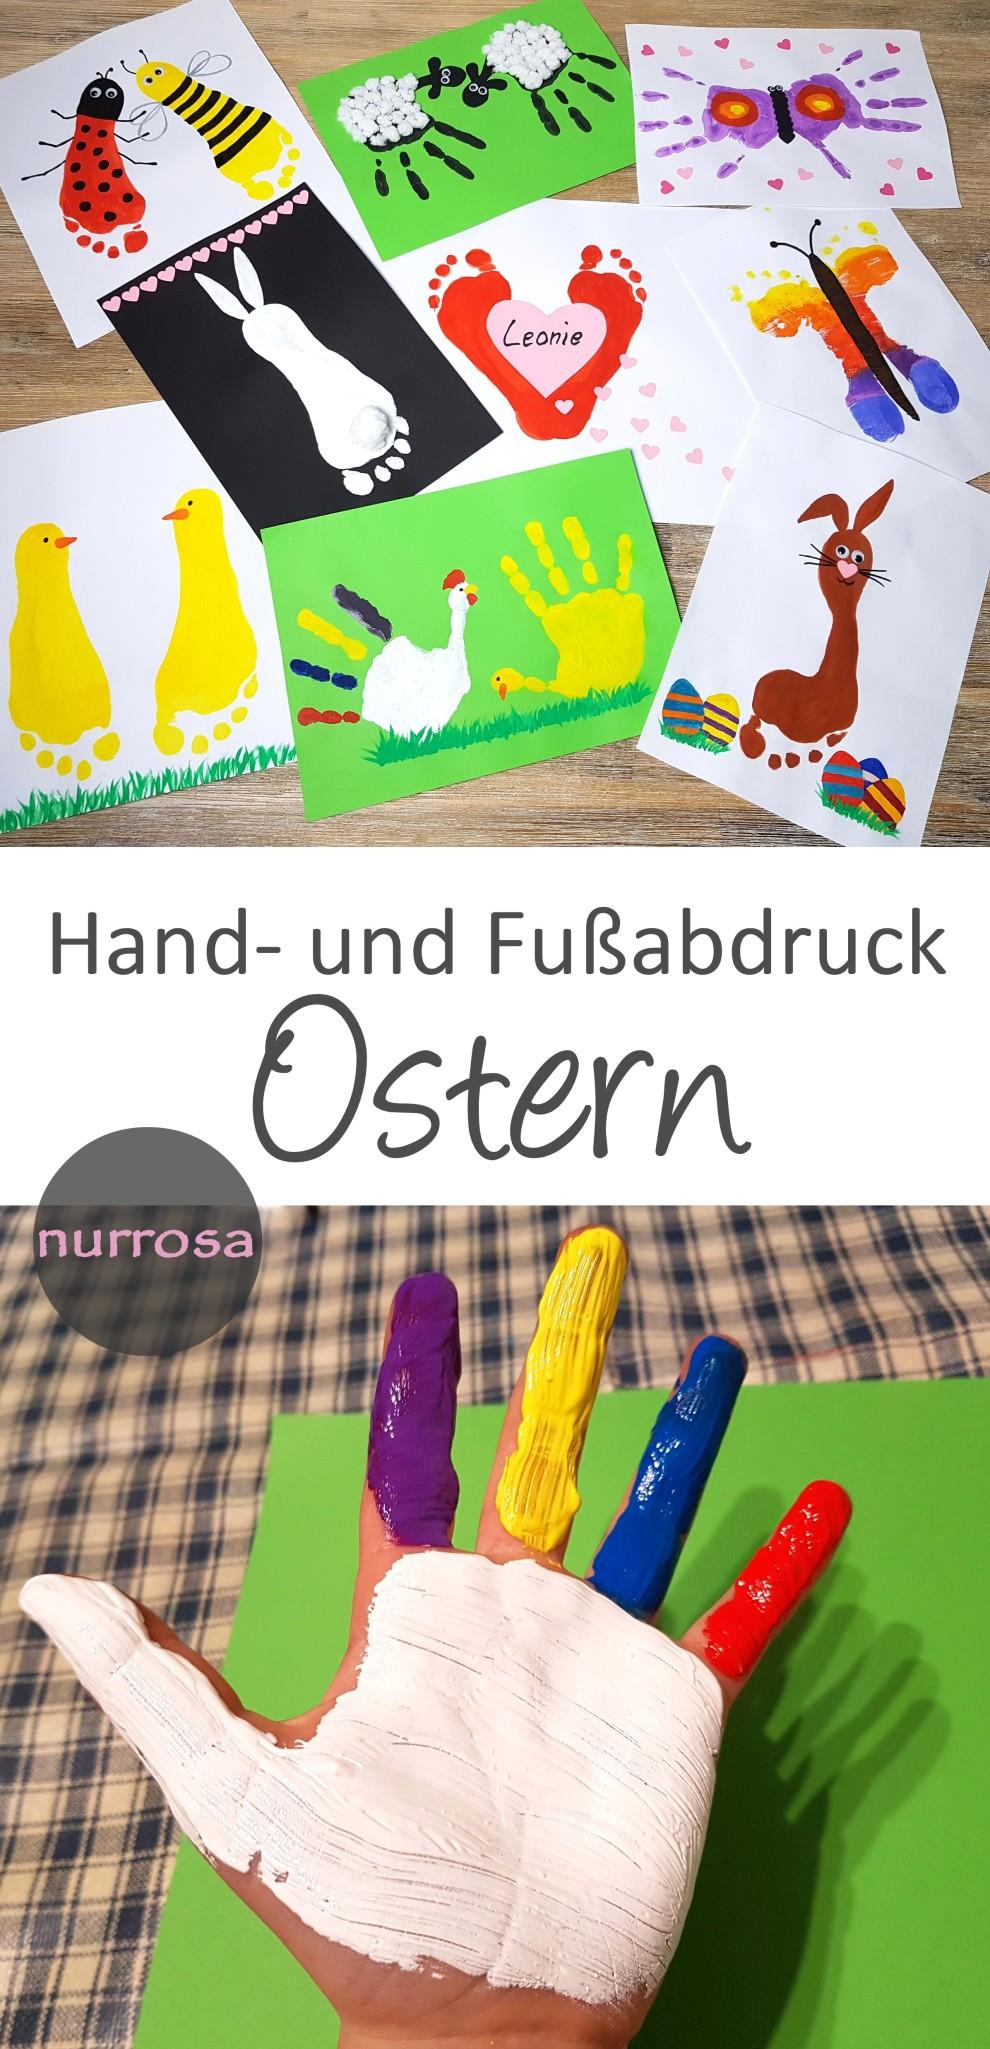 Handabdruck und Fußabdruck zu Ostern